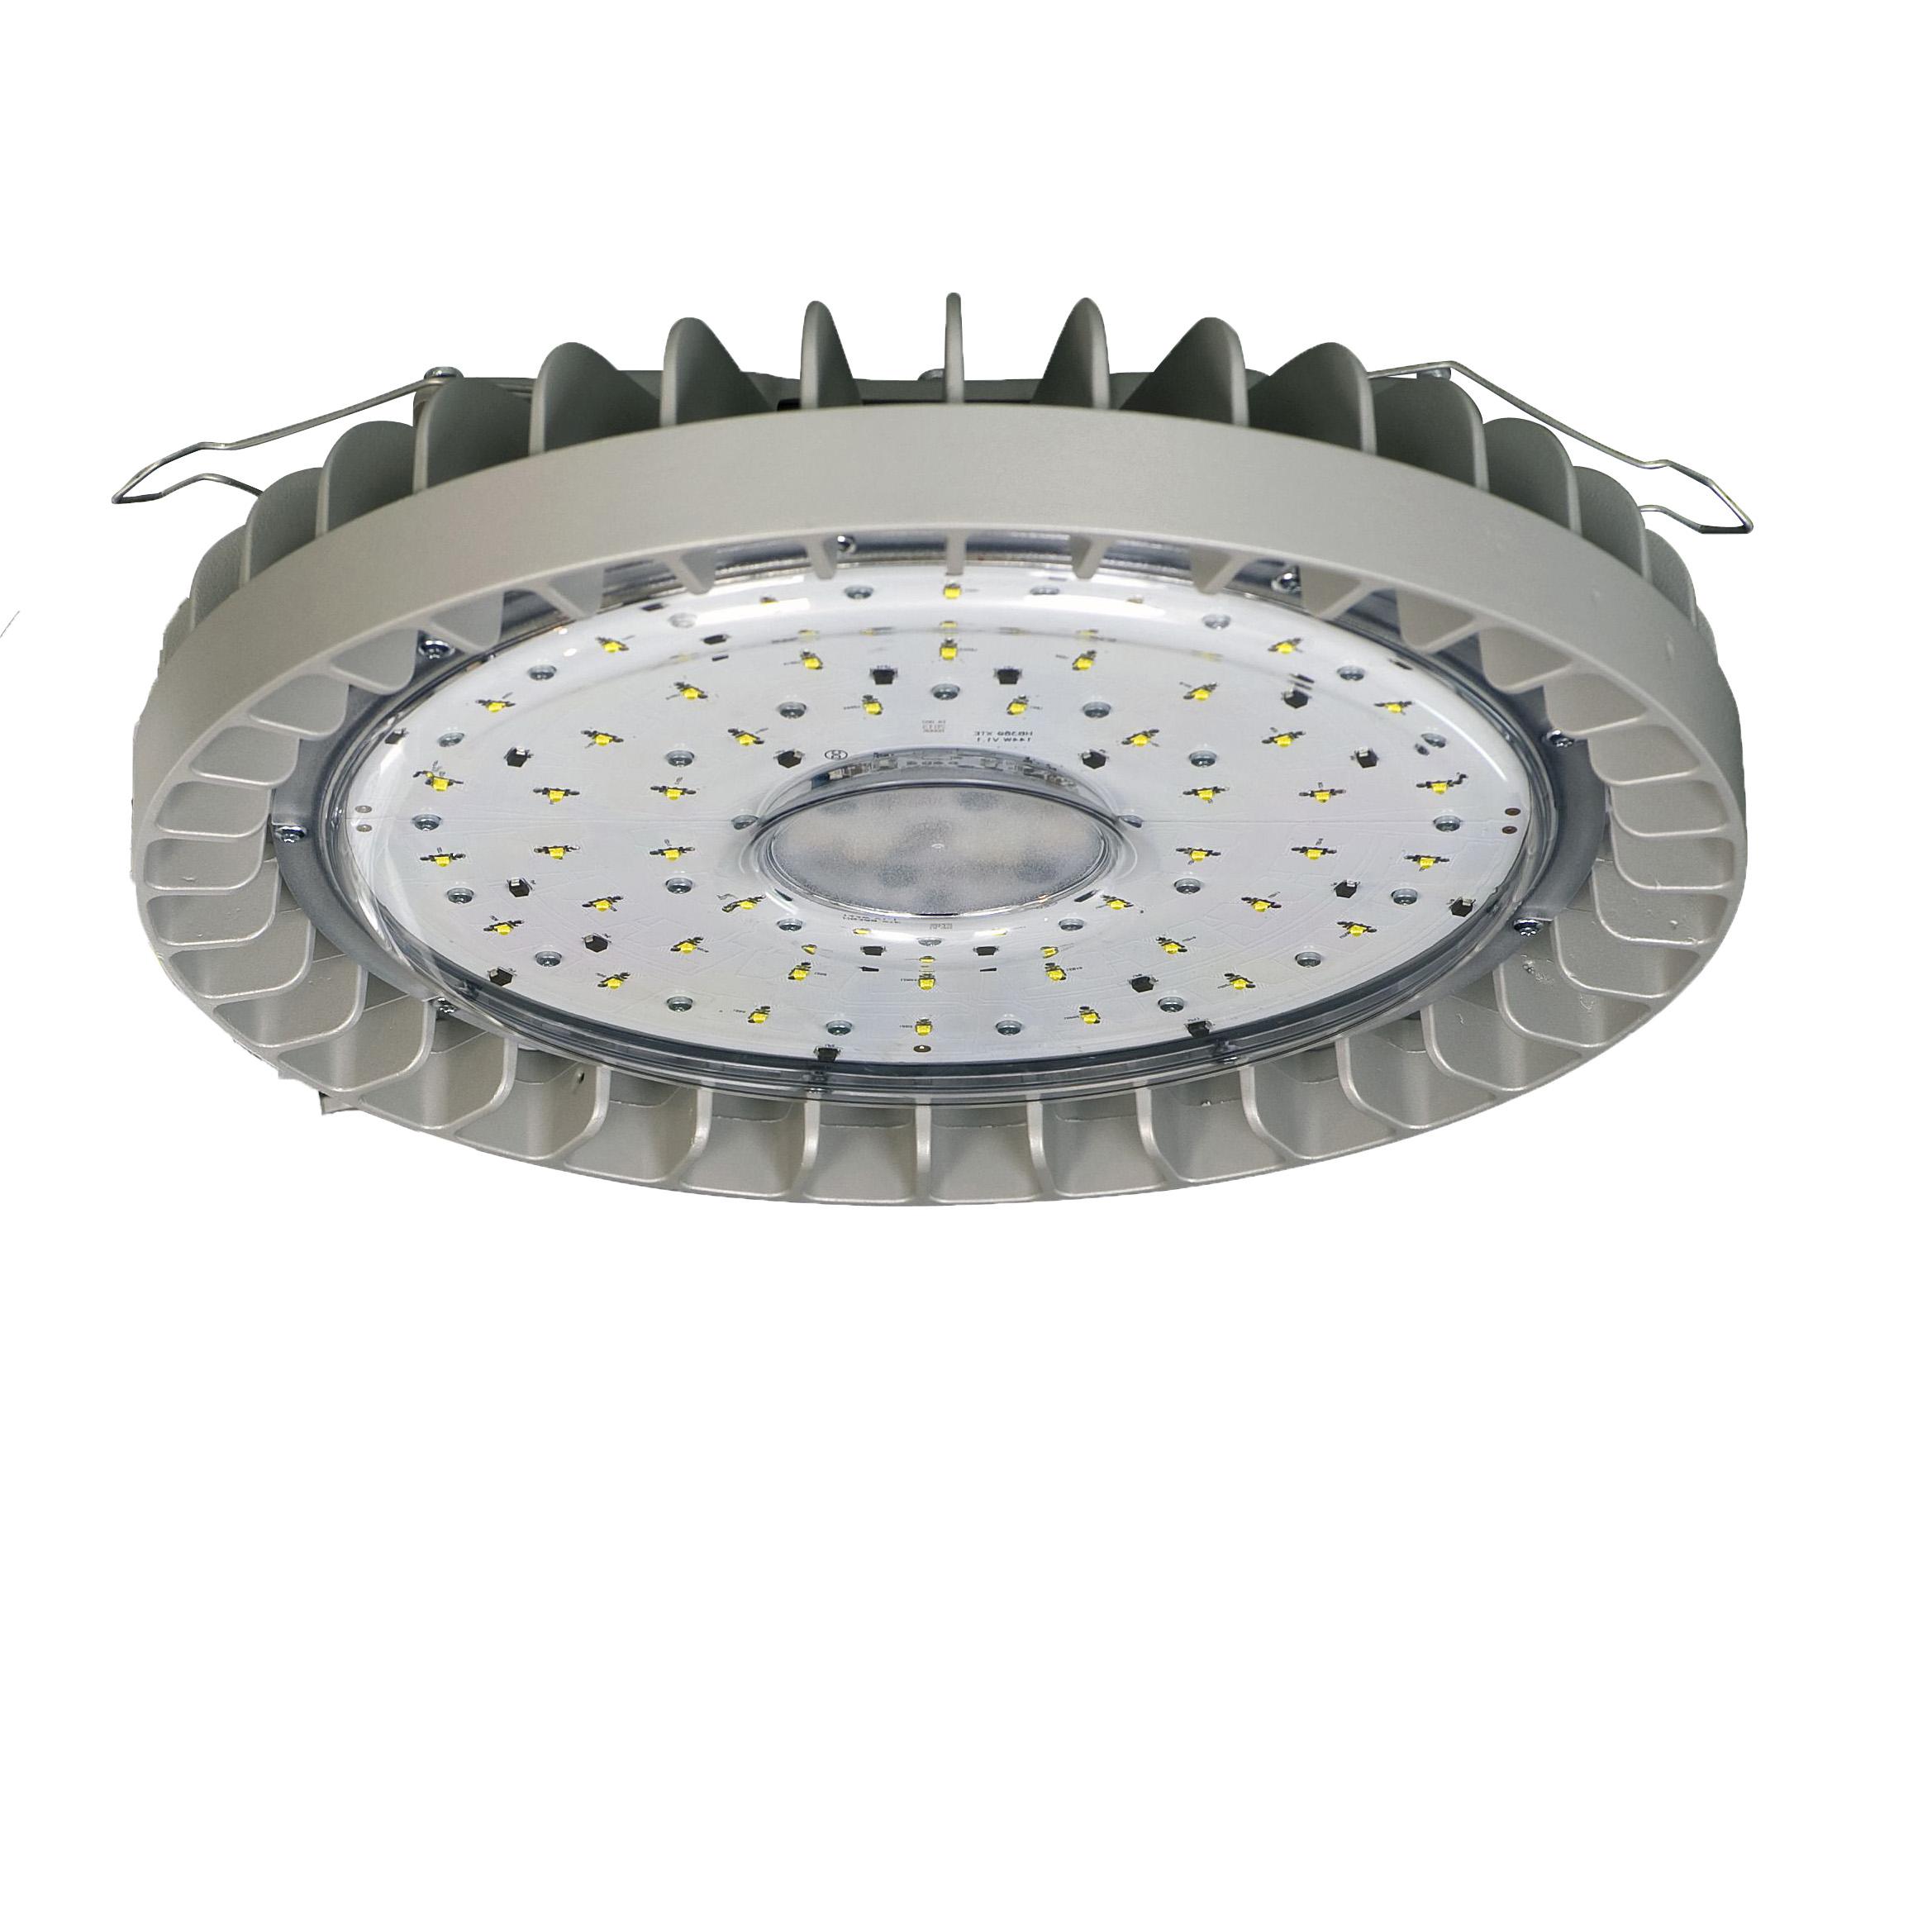 1 Stk HB380 LED Hallenleuchte 142W, 17000lm, 6000K, 120°, 1...10V LIEP156000